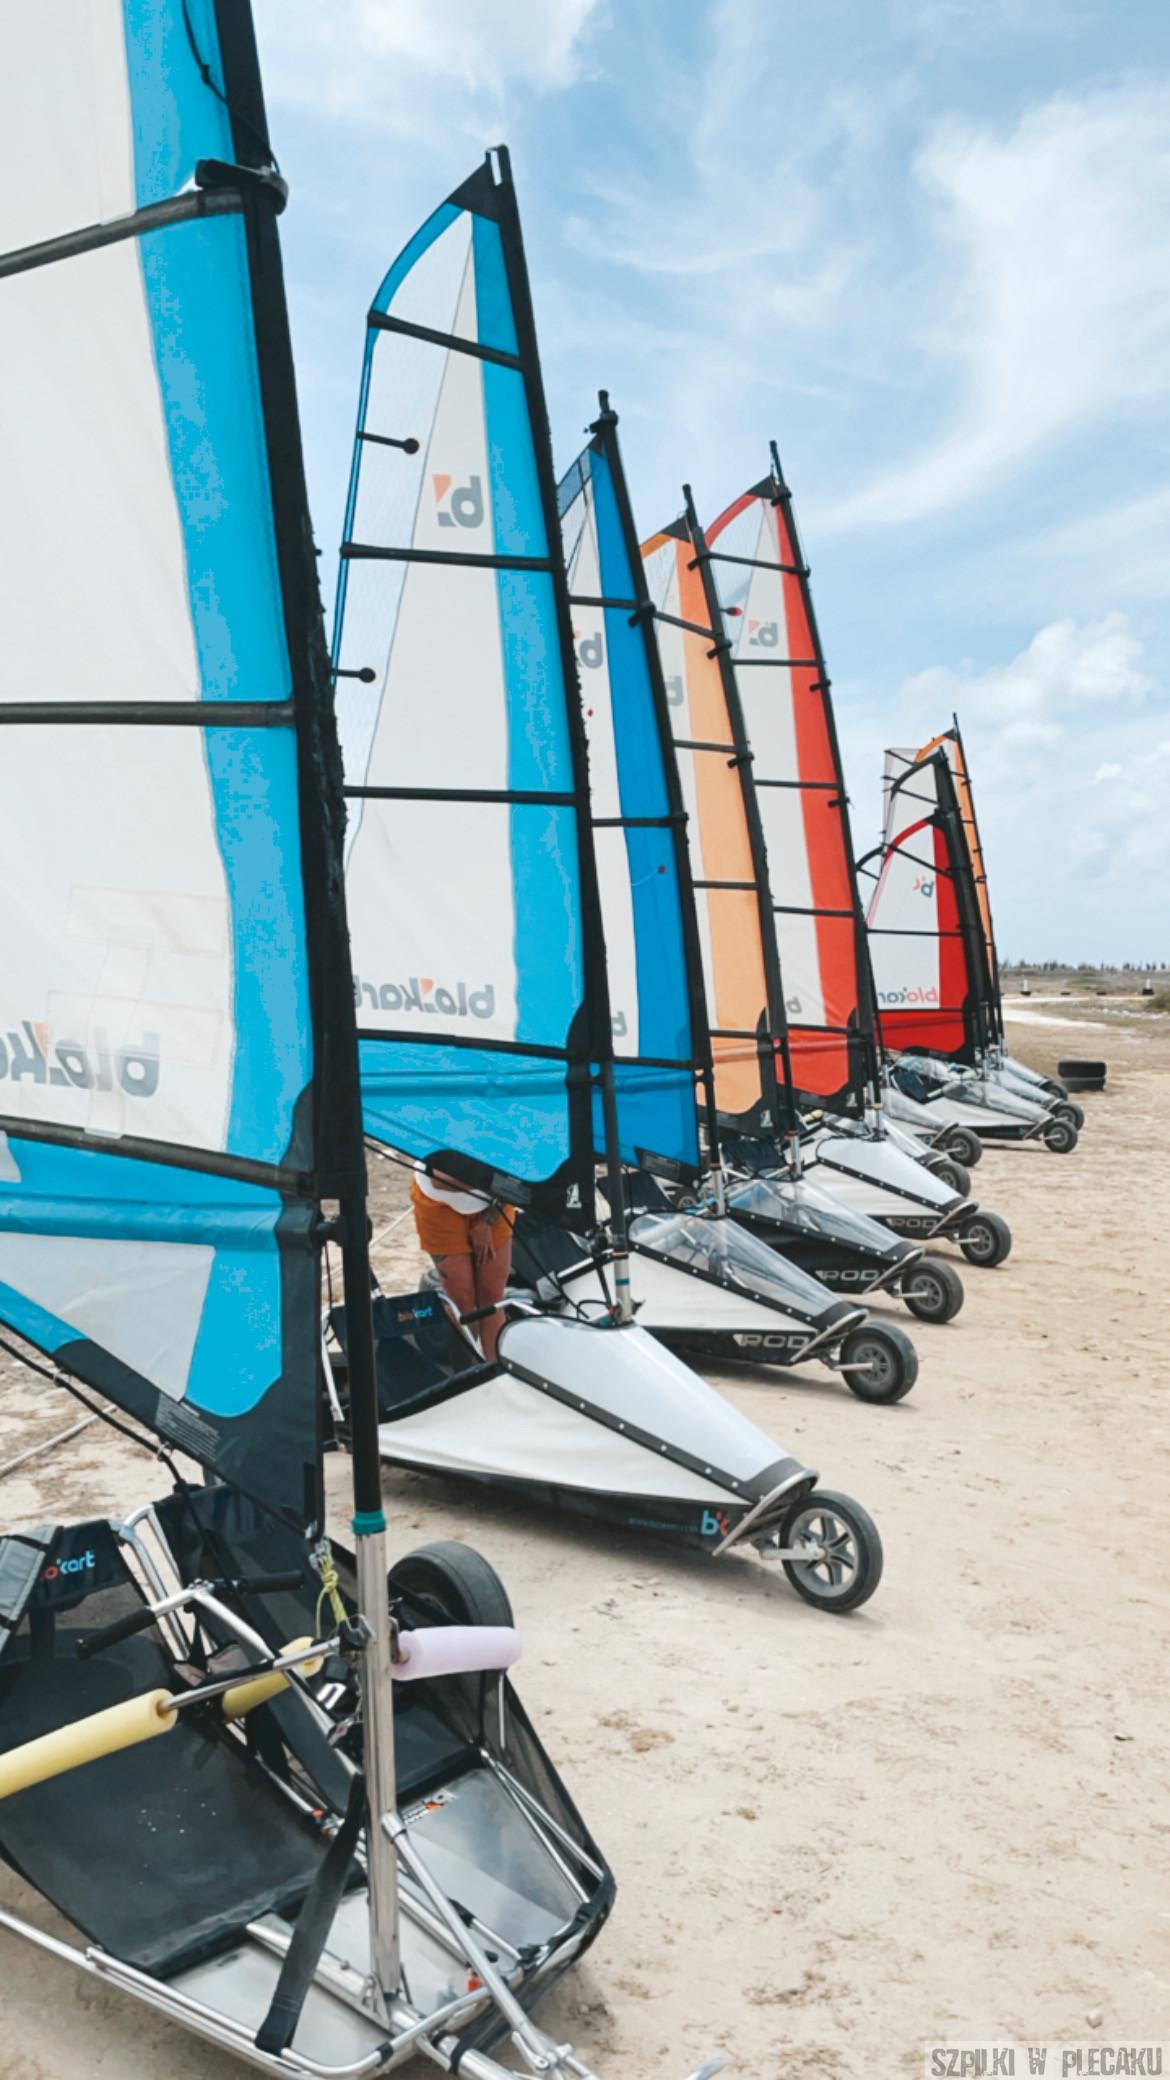 landsailing -Bonaire - Szpilki w plecaku